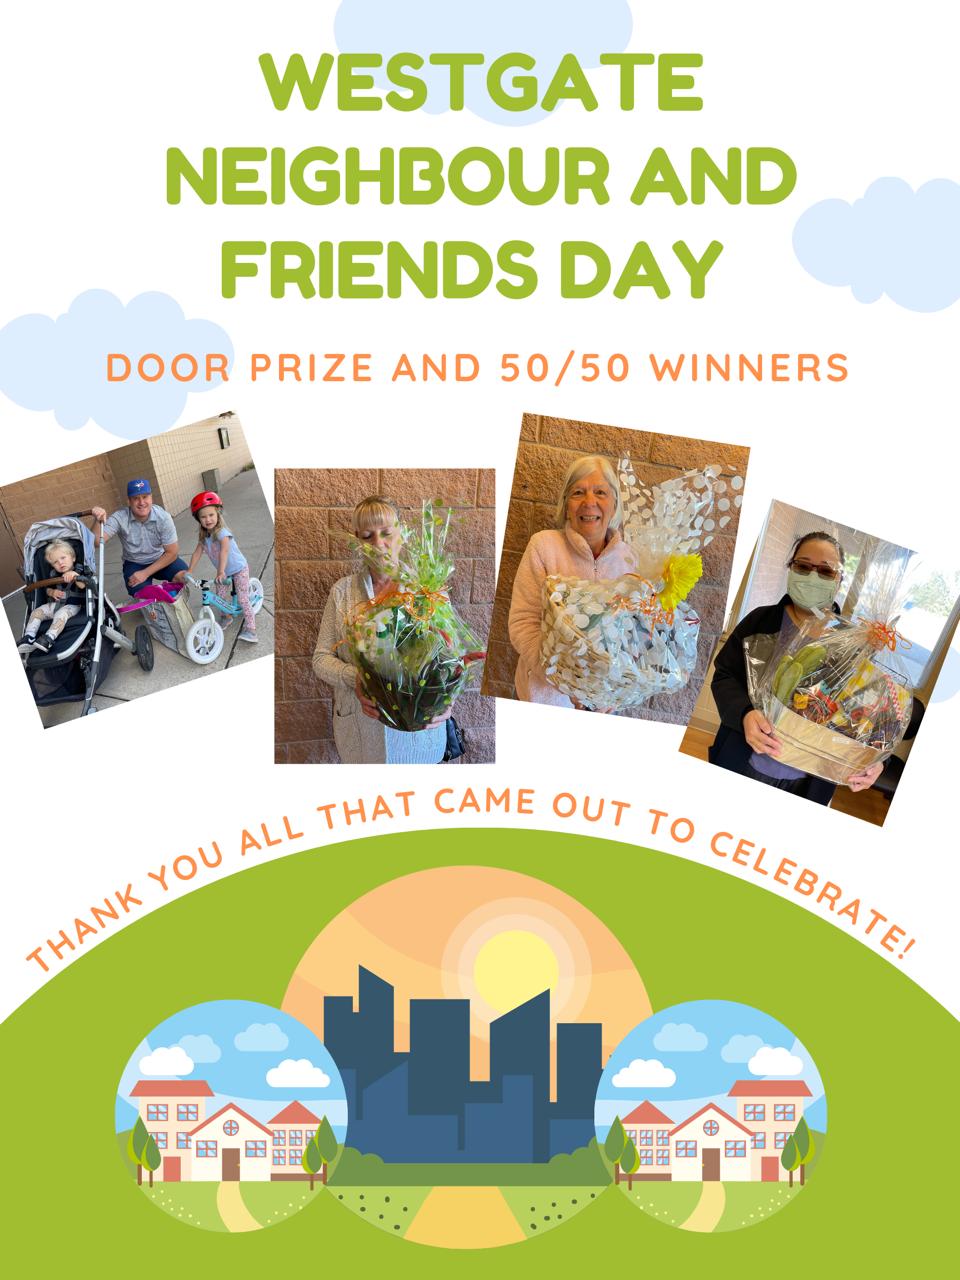 Westgate Neighbour & Friend Day 2021